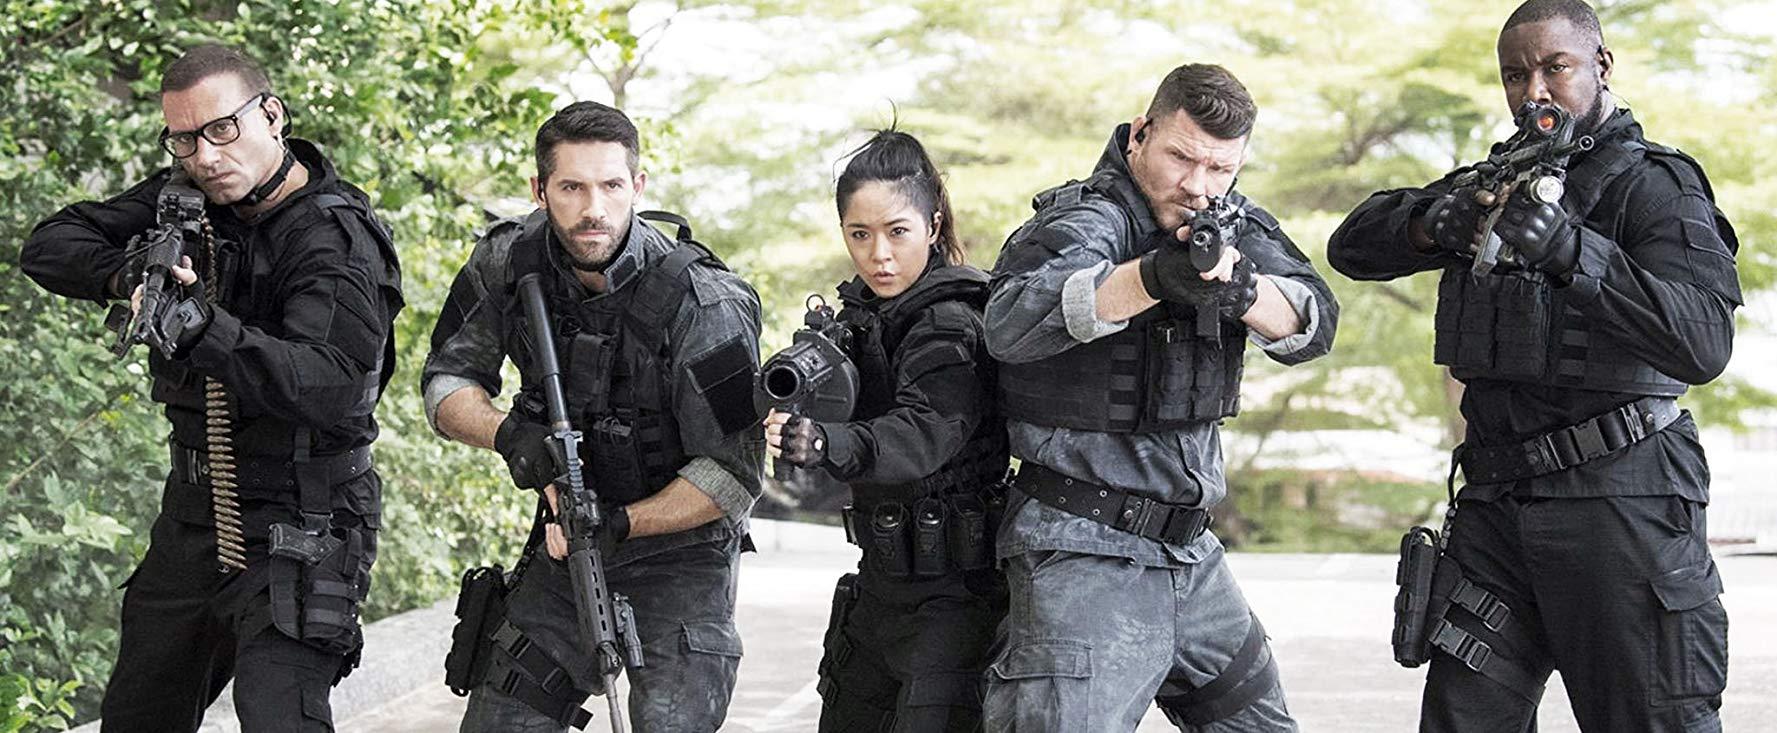 Triple-Threat-Film-2019.jpg?ssl=1